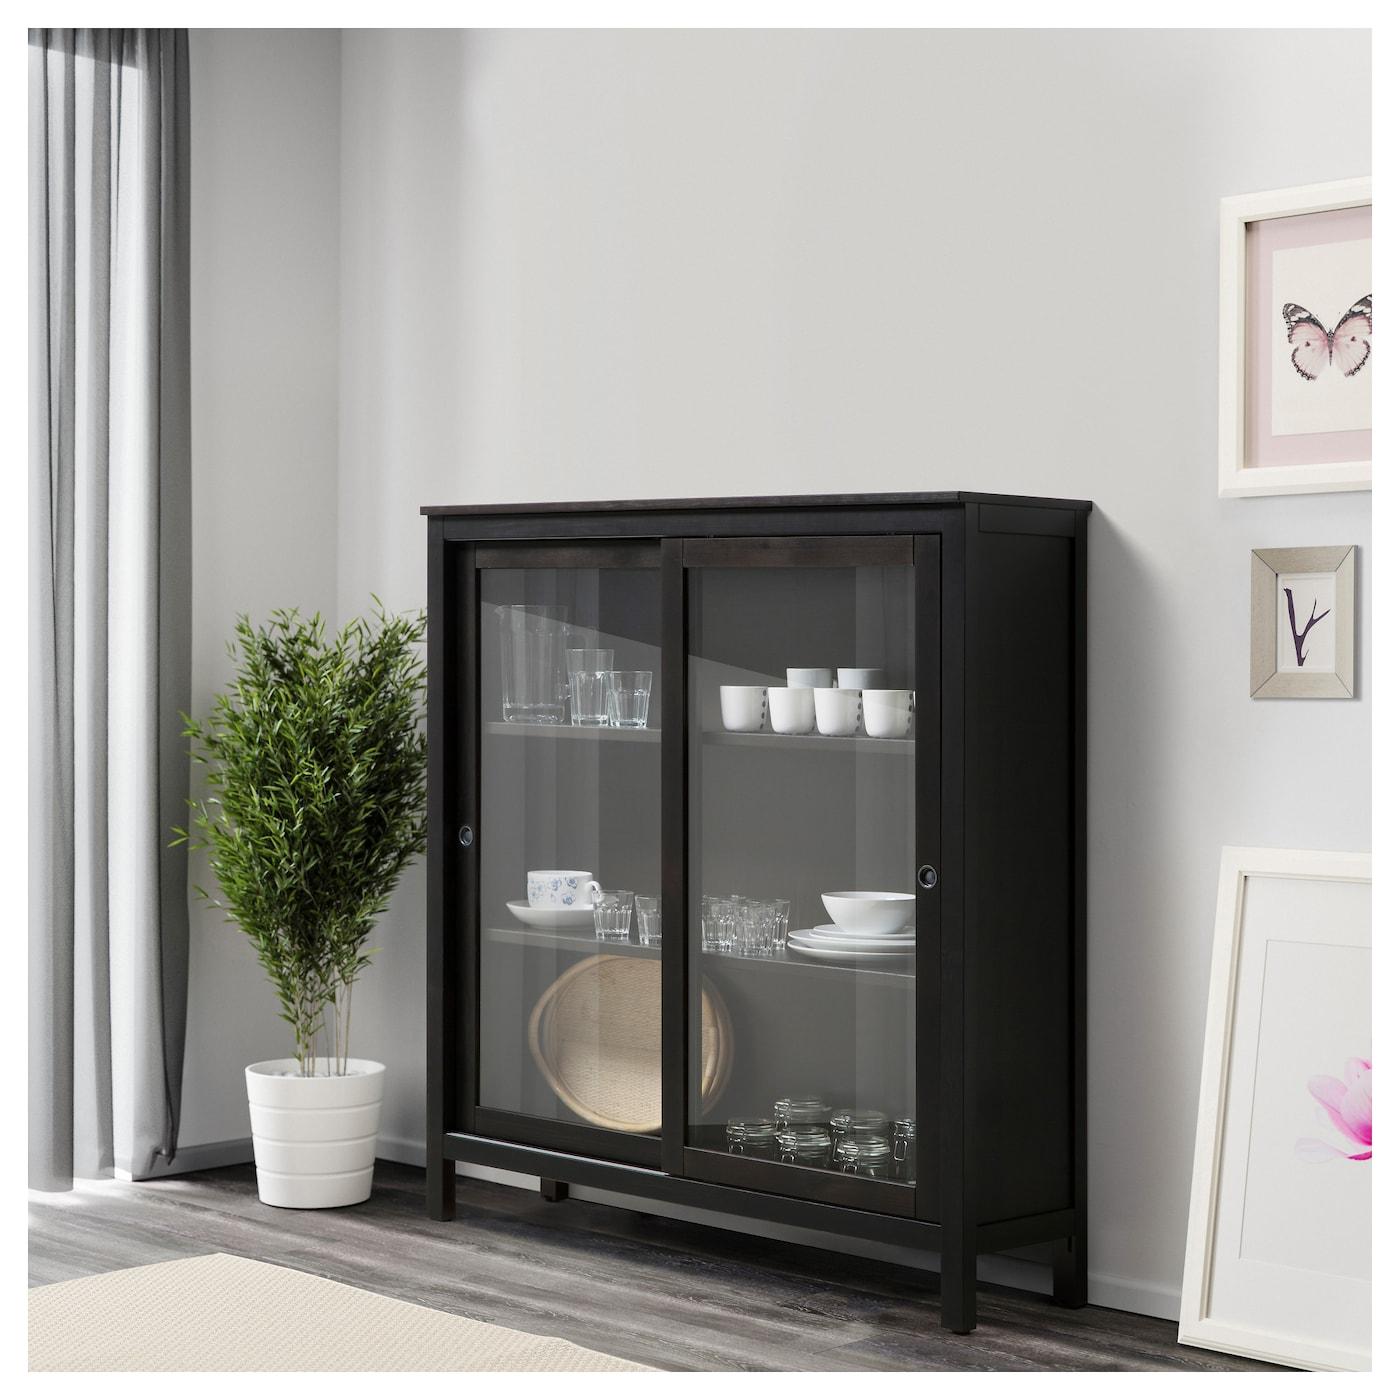 hemnes glass door cabinet black brown 120 x 130 cm ikea. Black Bedroom Furniture Sets. Home Design Ideas